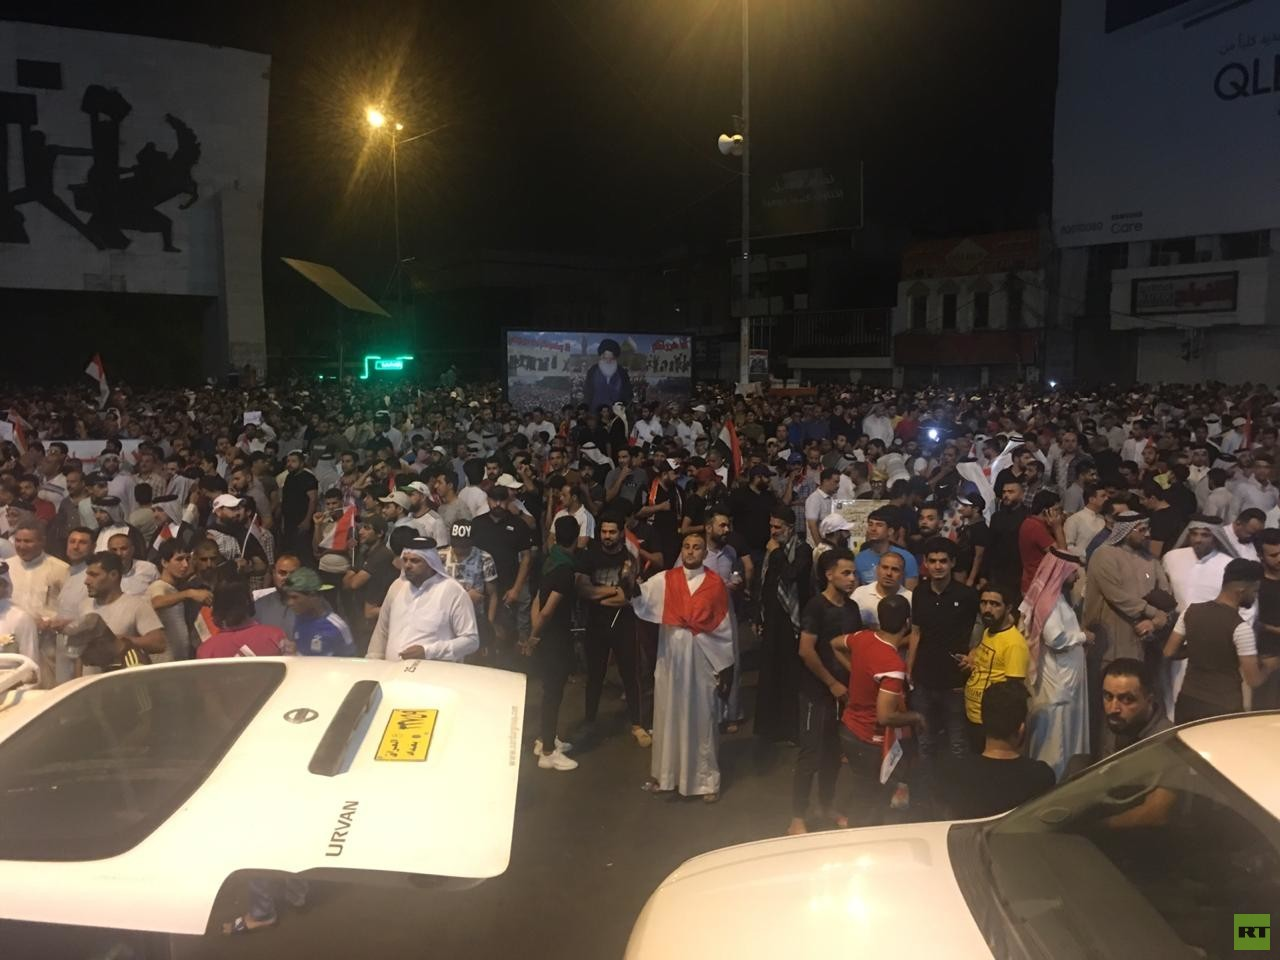 مظاهرات شعبية لأتباع الصدر في بغداد تدعو لدعم أمن العراق وإبعاده عن الصراعات الإقليمية